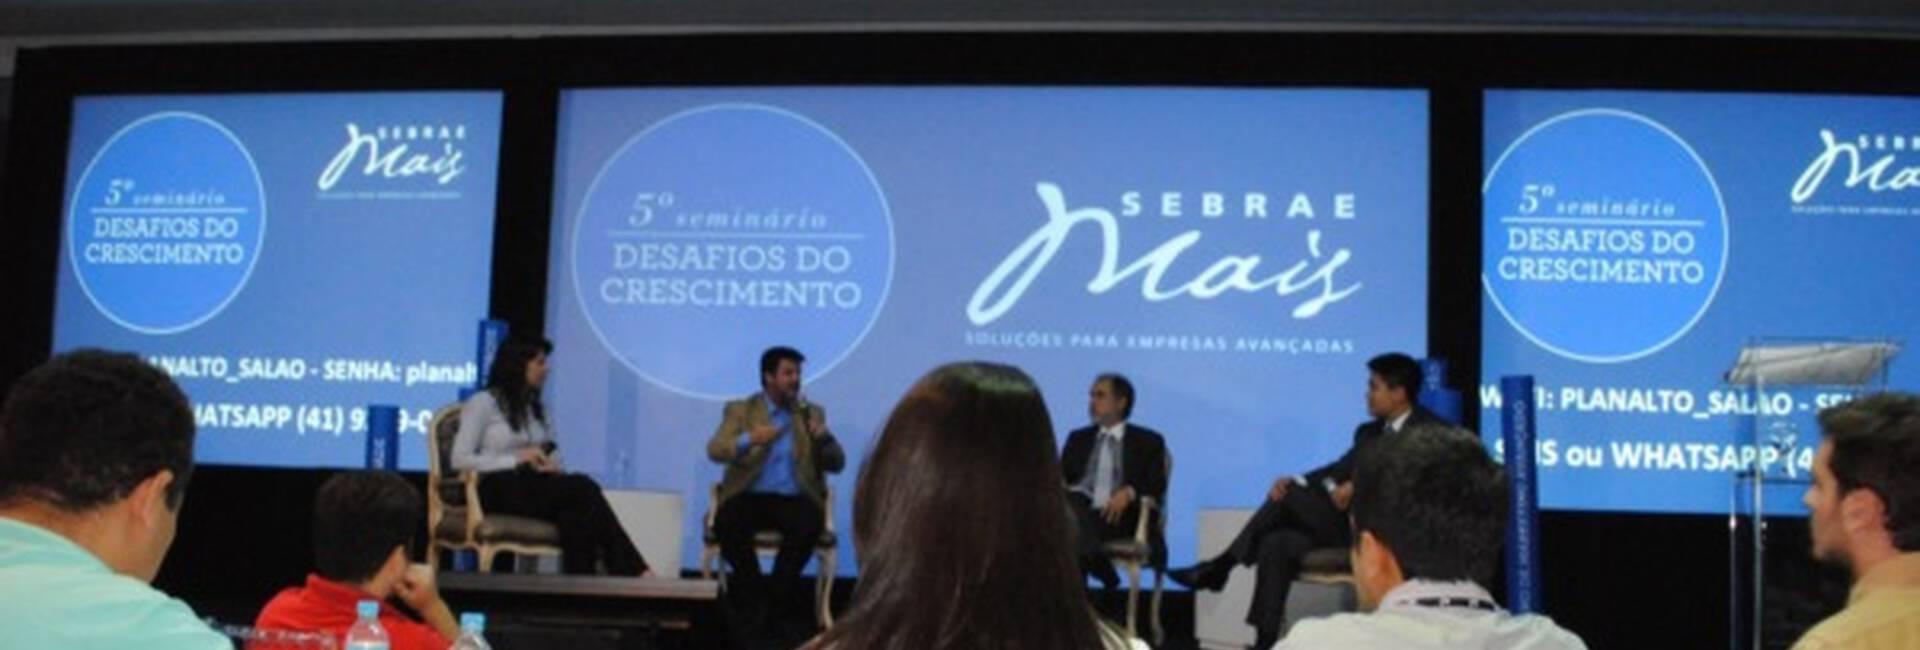 Evento Corporativo de 5o SEMINÁRIO DESAFIOS DO CRESCIMENTO - SEBRAE